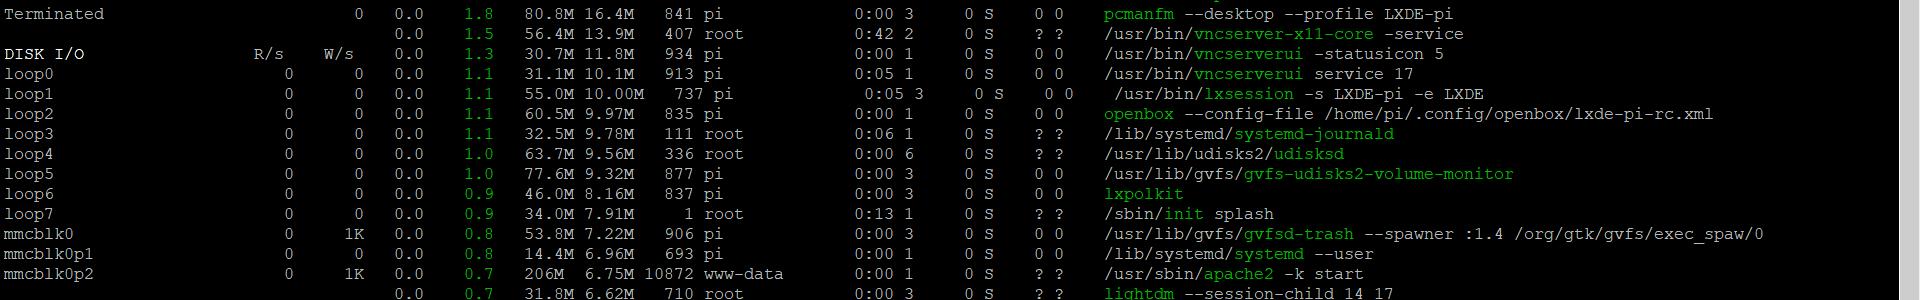 Monitoriza tu máquina Linux con Glances